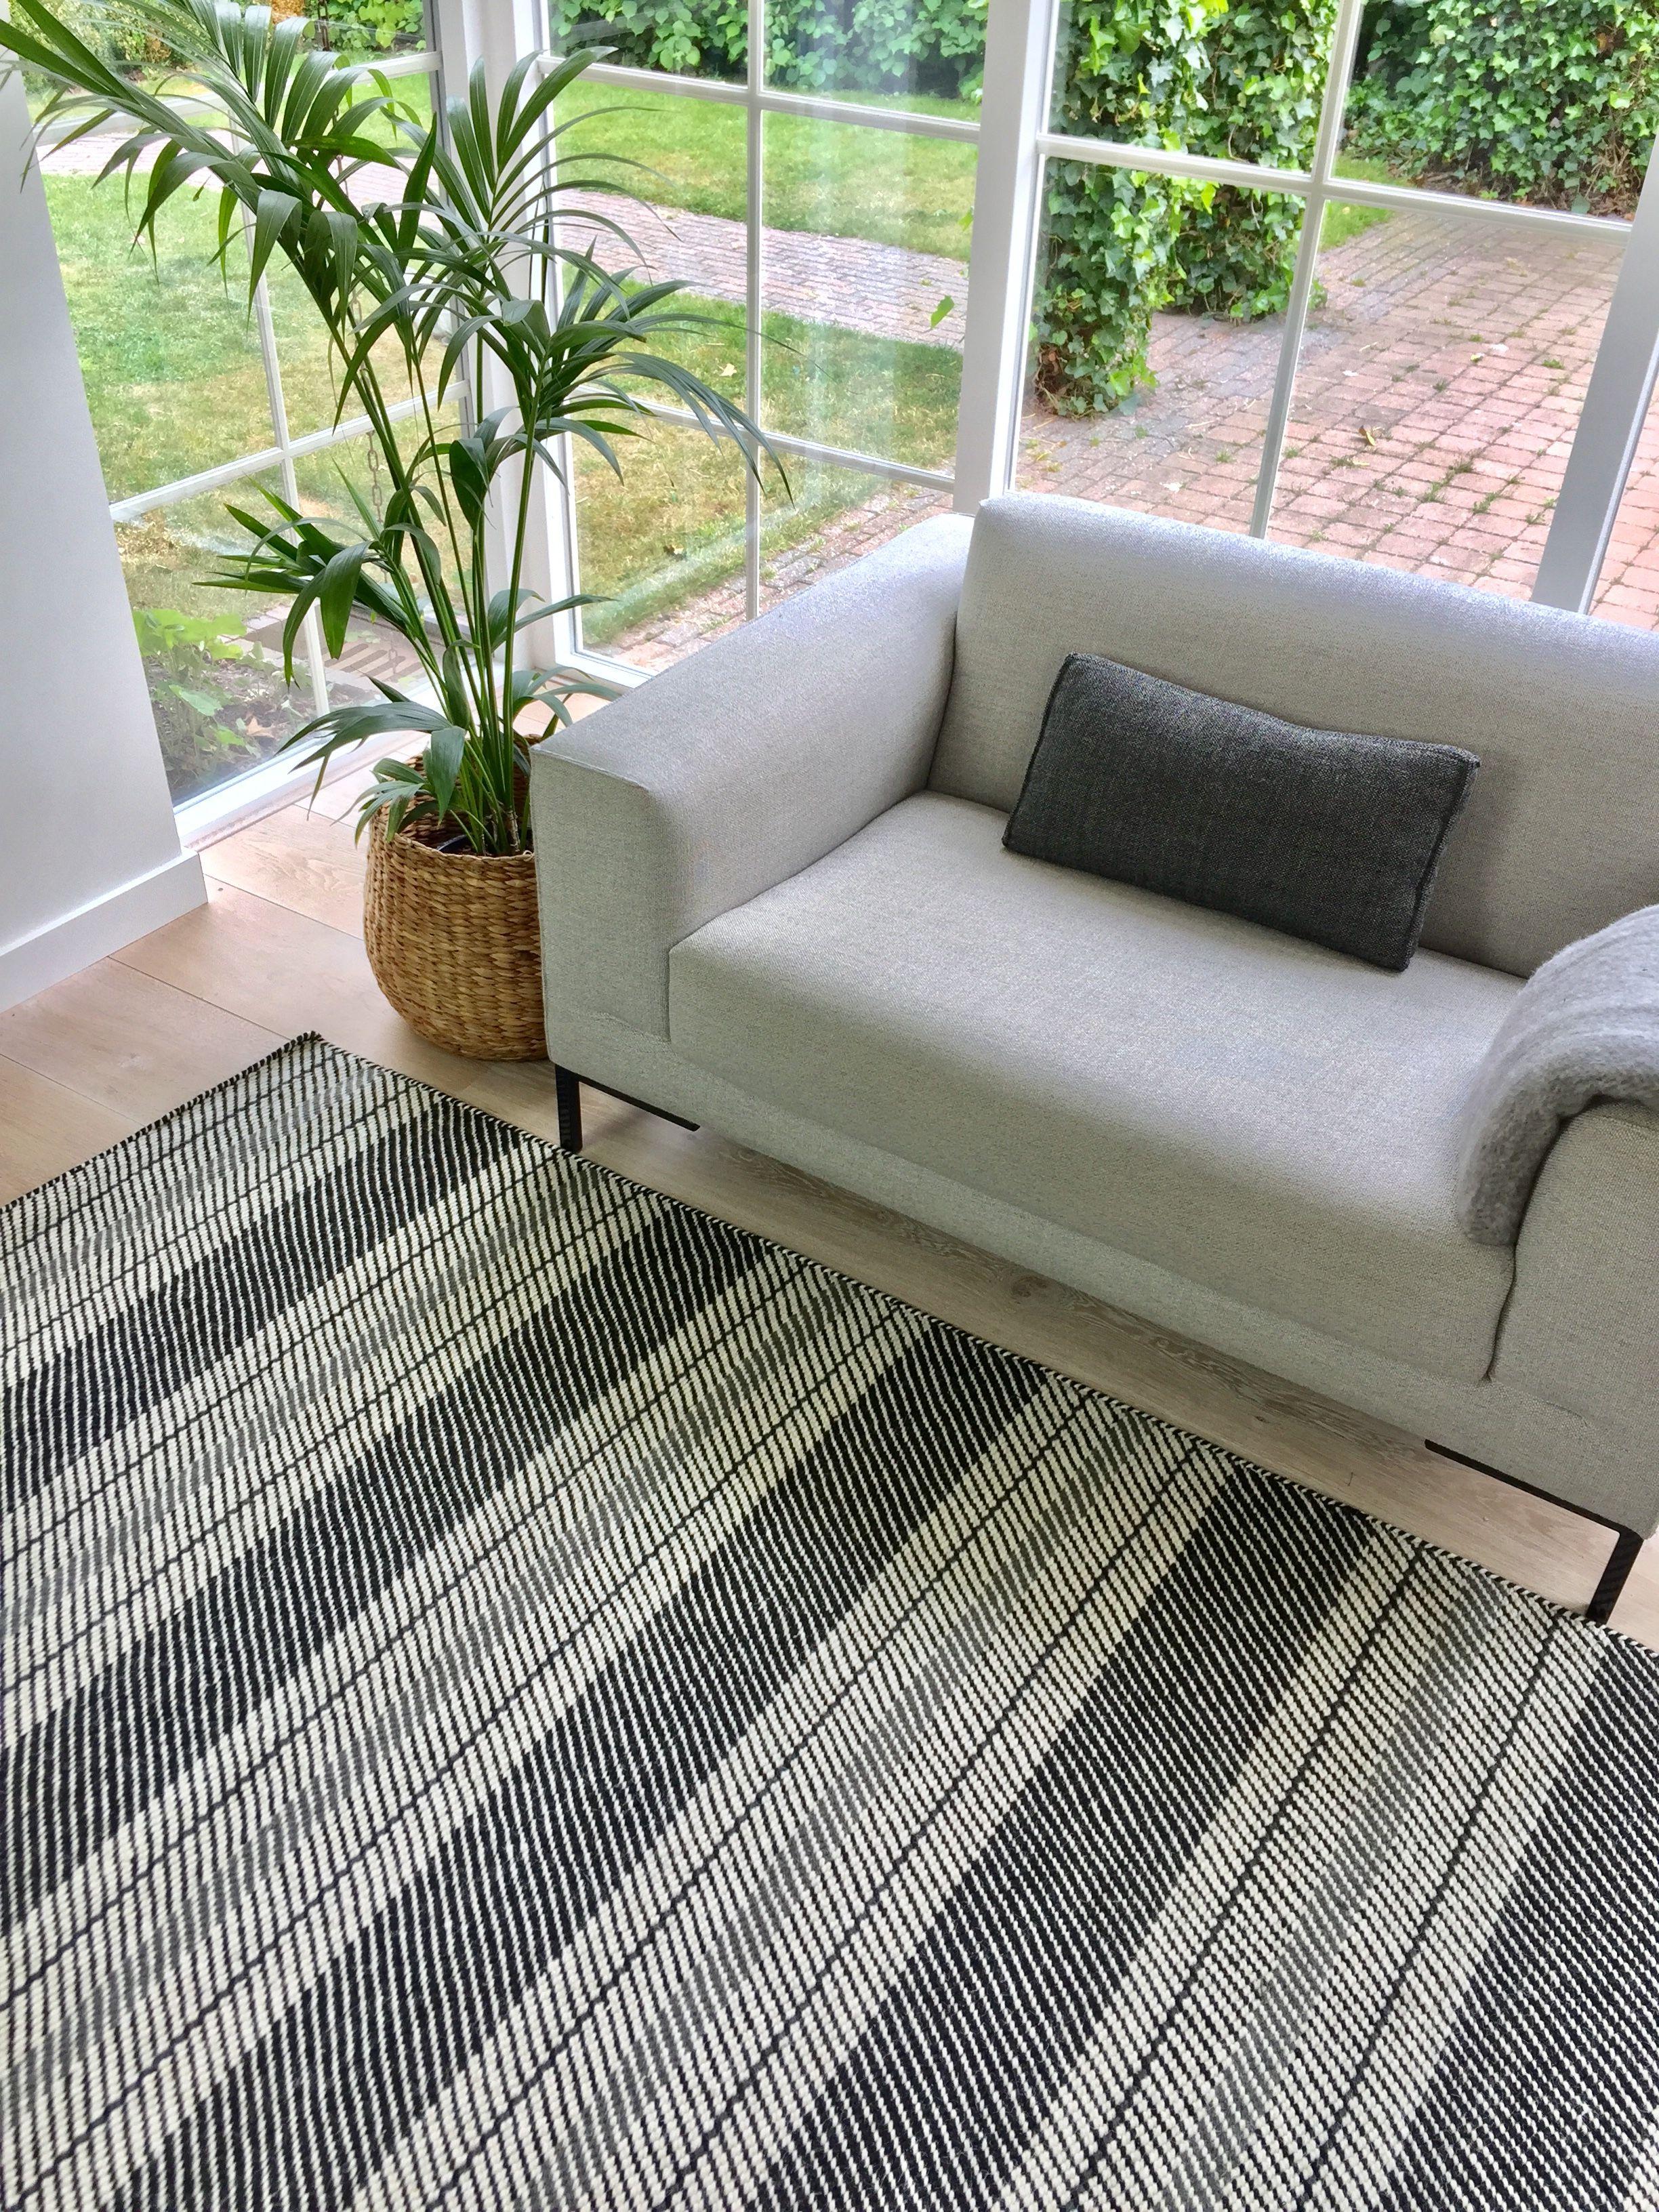 Wollen vloerkleed Zwart/Wit - Airbag | Modern